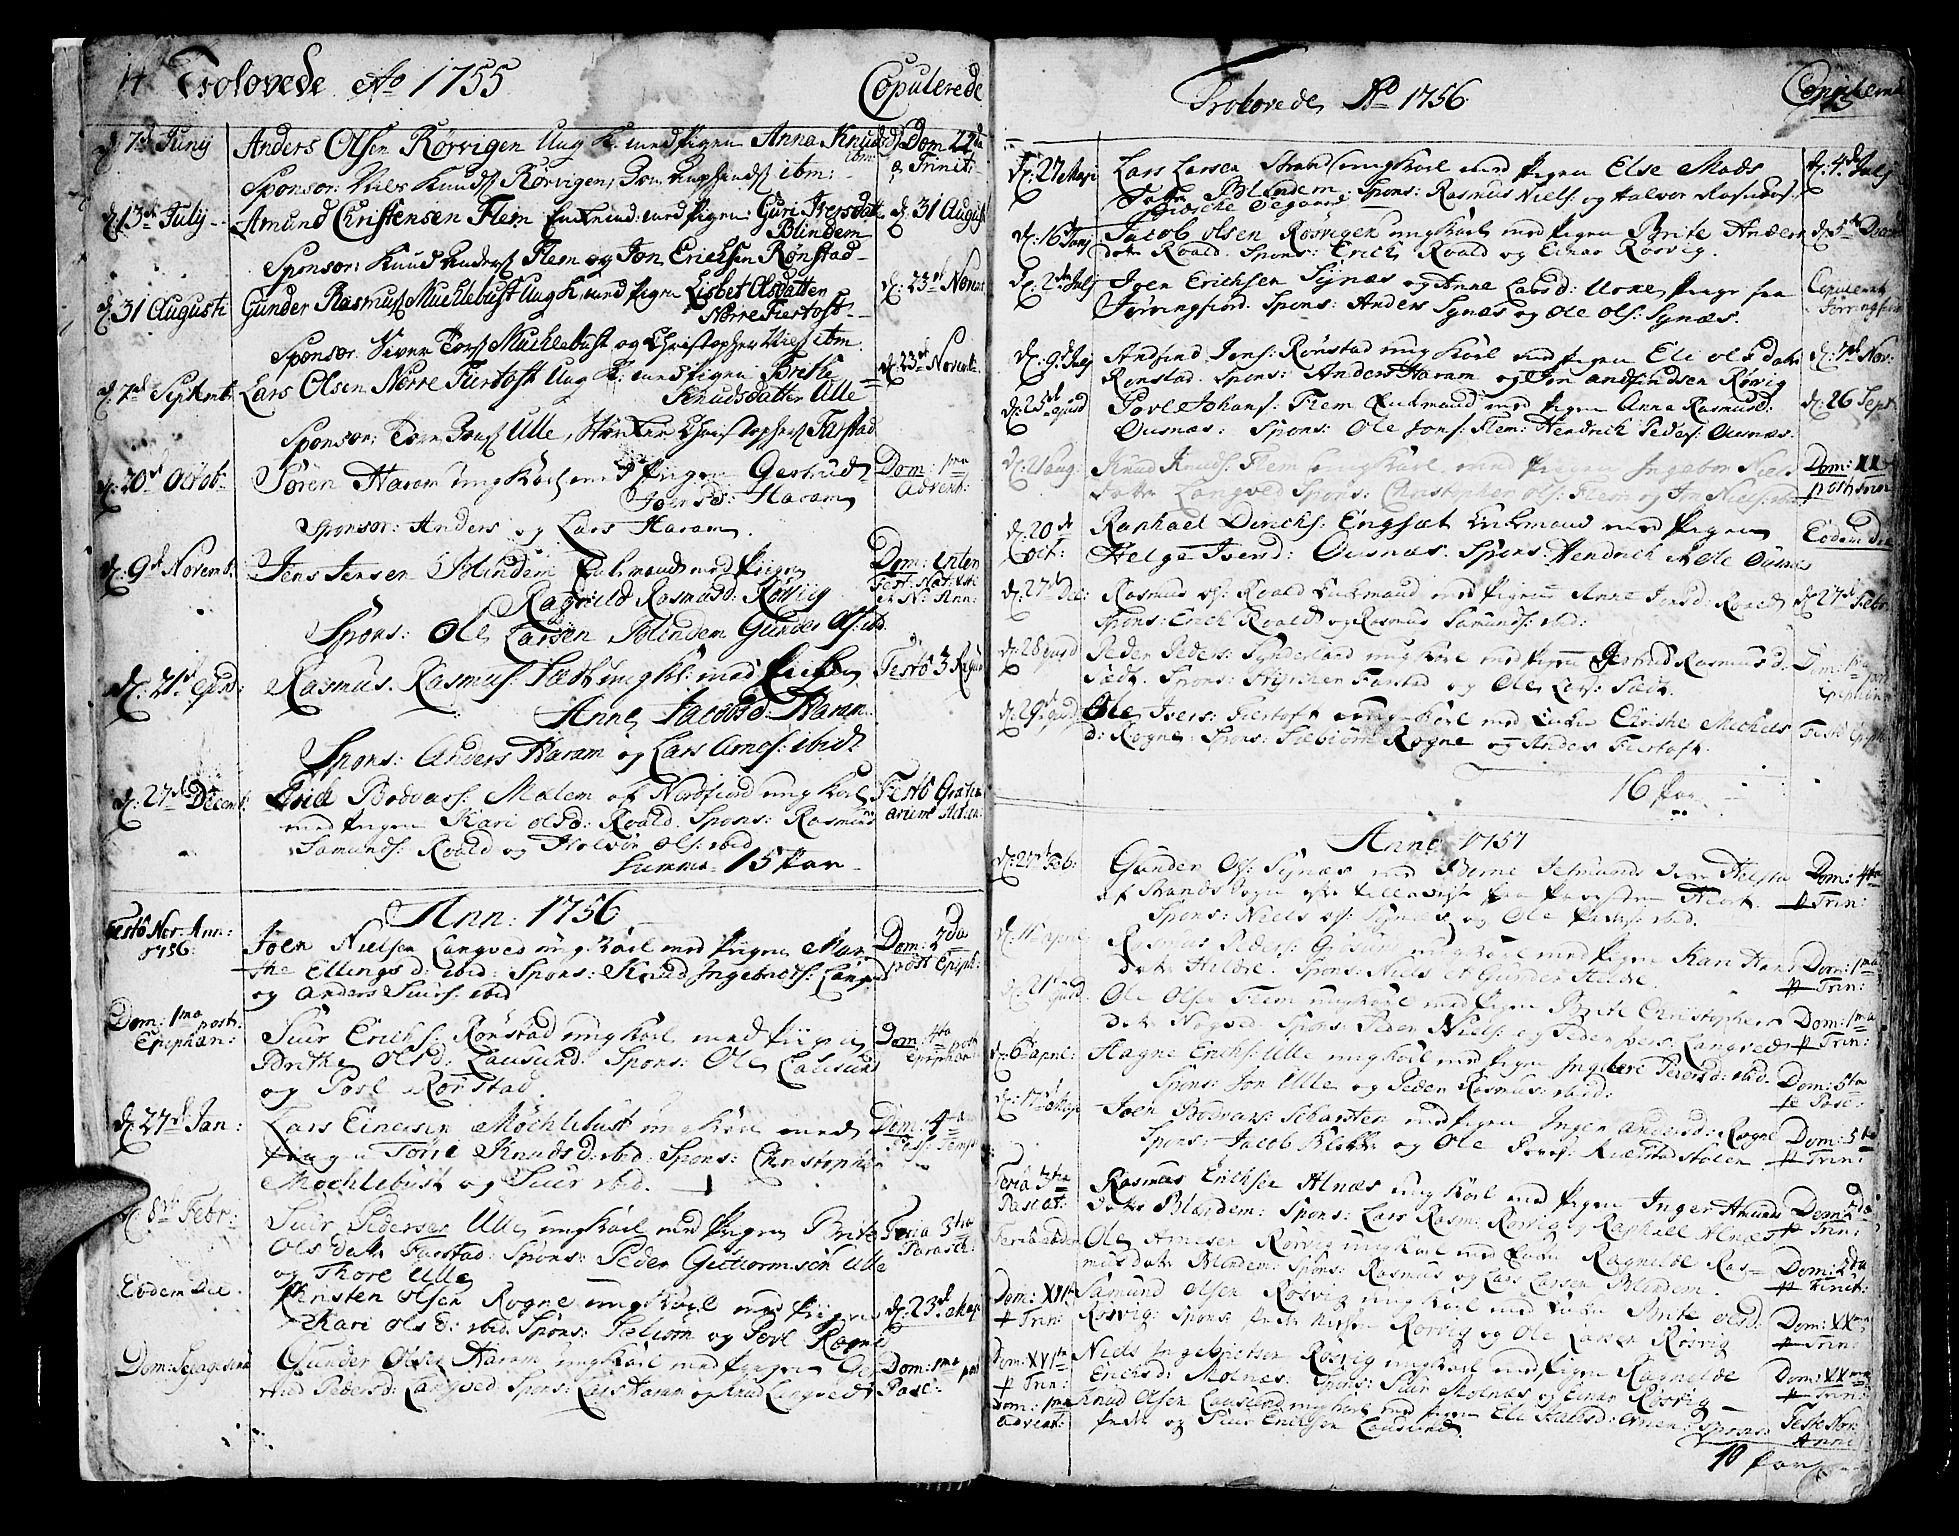 SAT, Ministerialprotokoller, klokkerbøker og fødselsregistre - Møre og Romsdal, 536/L0493: Ministerialbok nr. 536A02, 1739-1802, s. 14-15